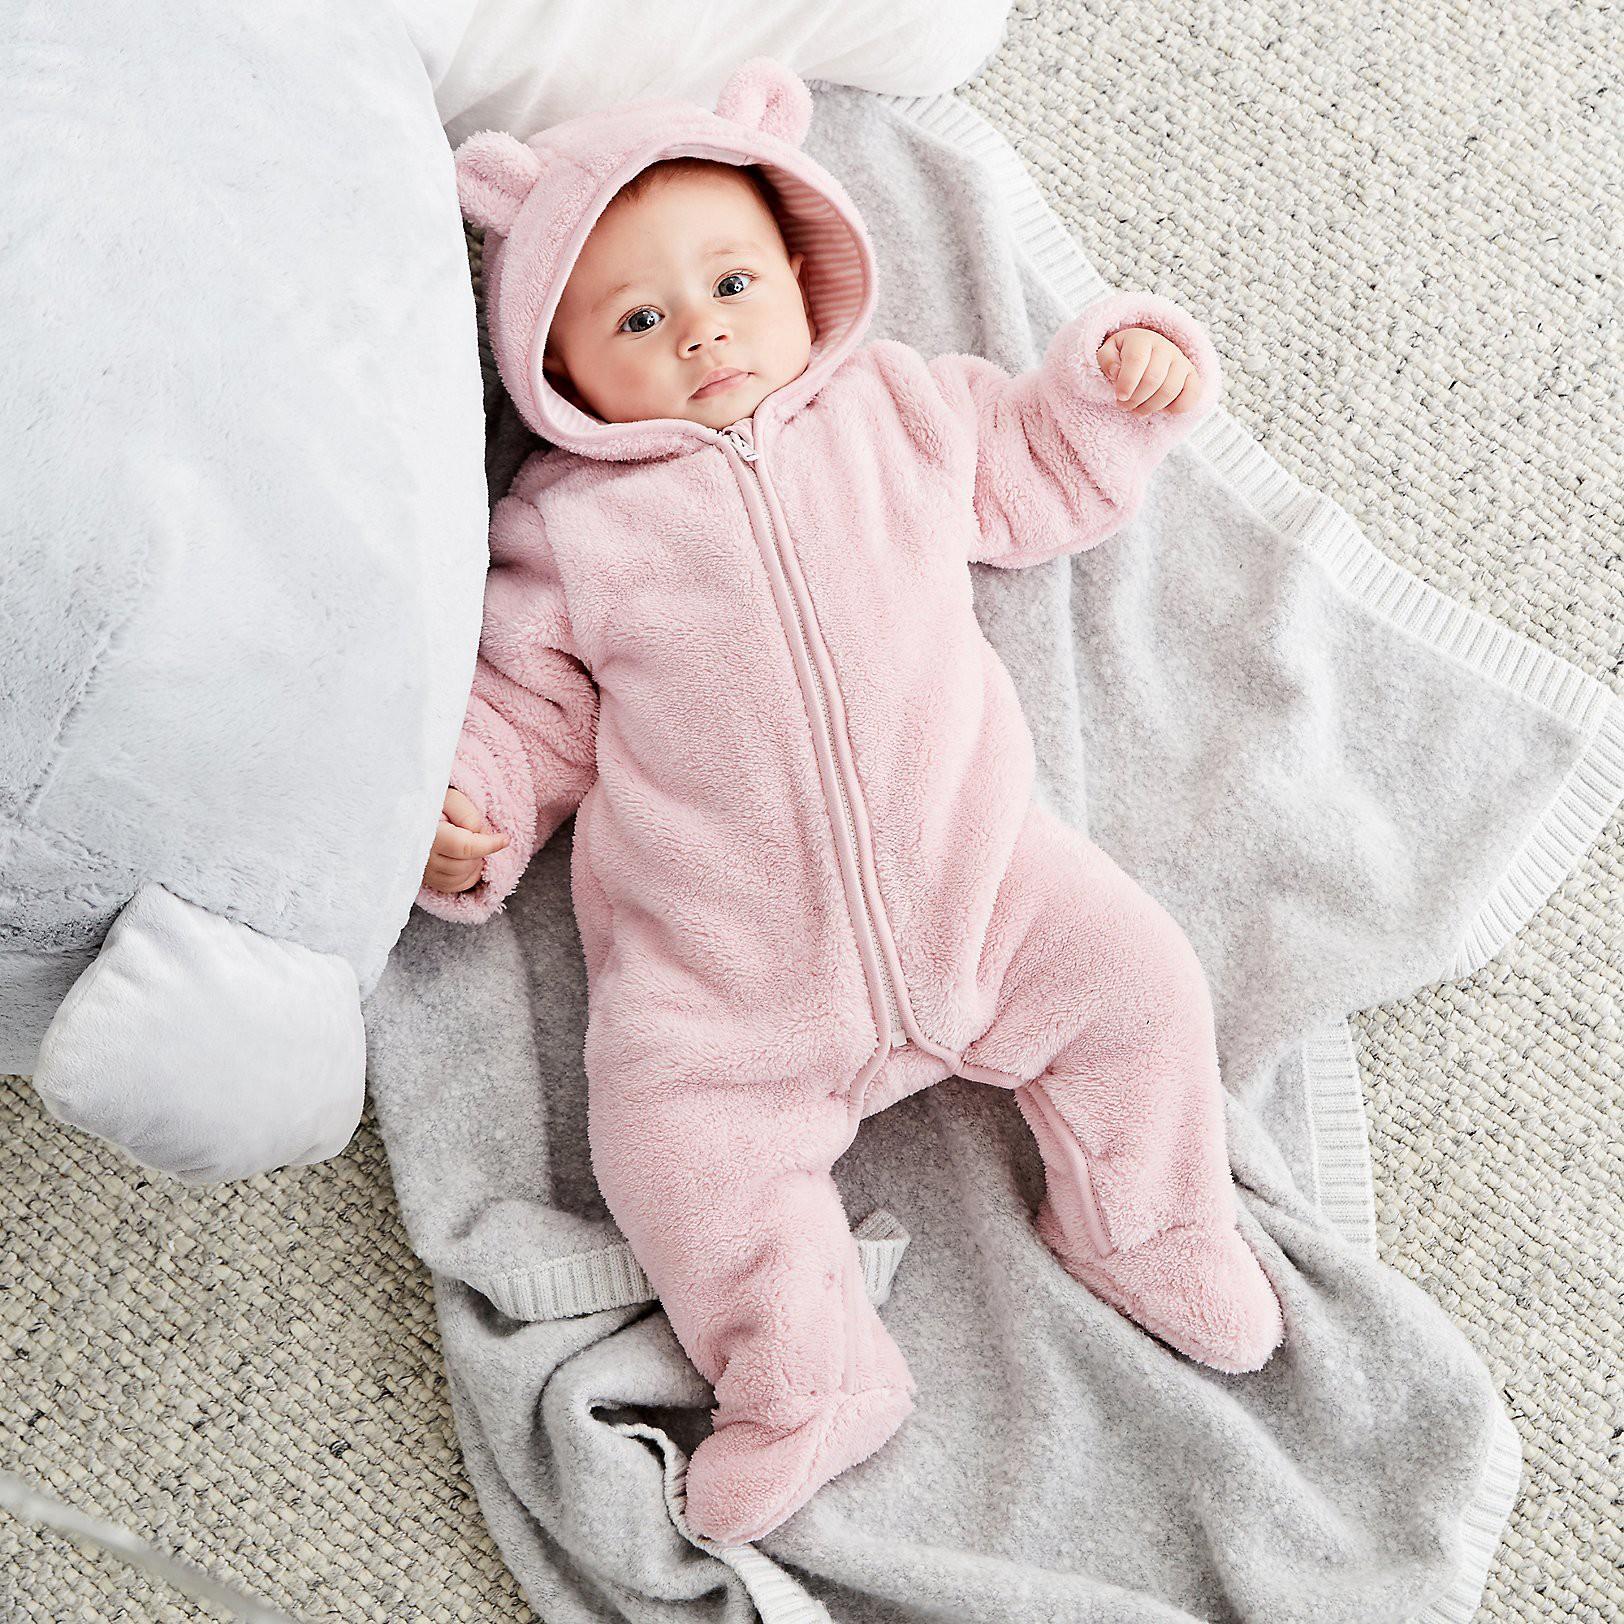 Bác sĩ Nhi hướng dẫn cha mẹ cách chăm sóc trẻ em vào mùa đông lạnh để không làm nguy hại đến sức khỏe   - Ảnh 2